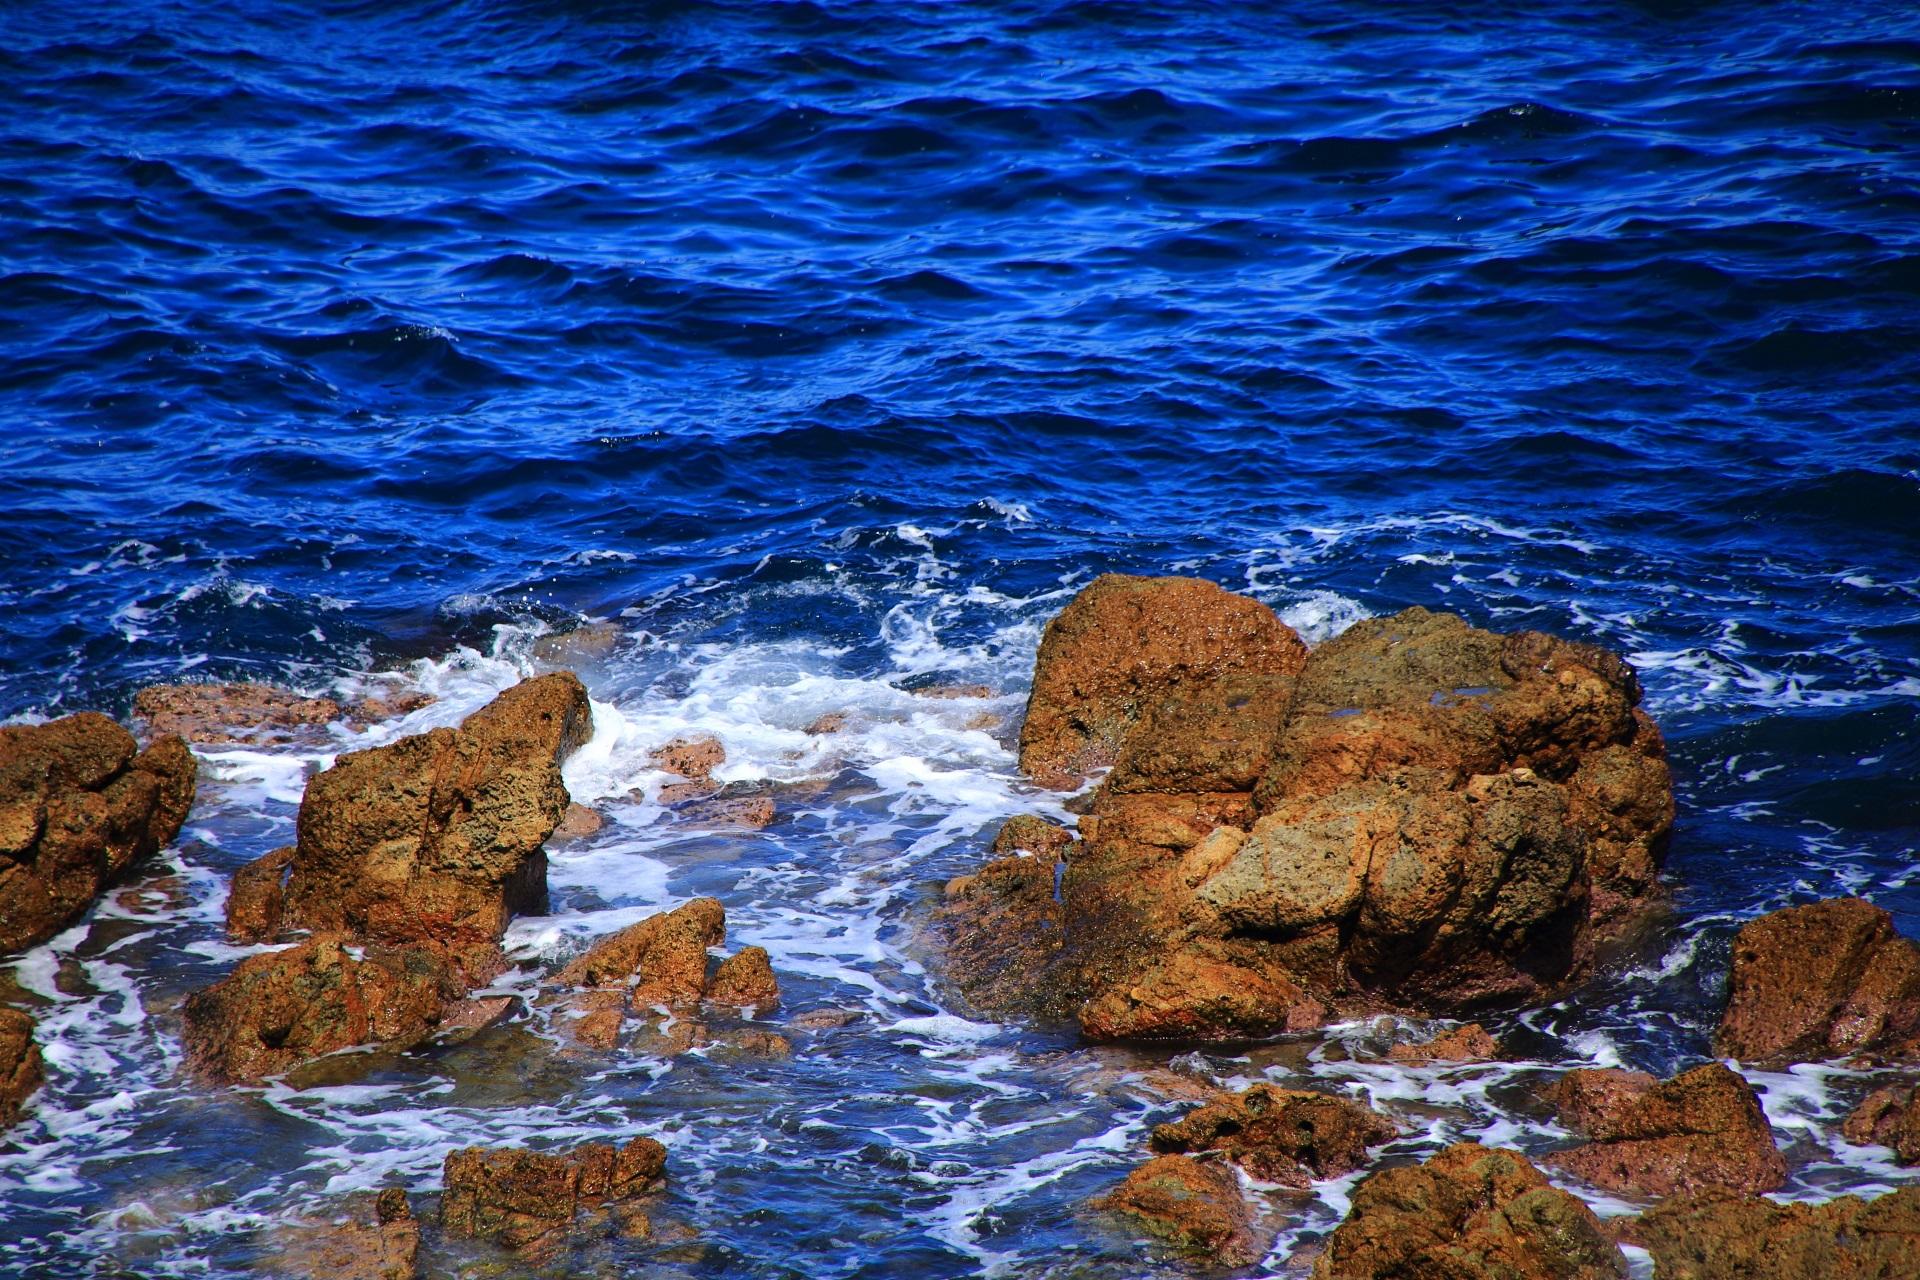 波によって創られたいろんな形の岩